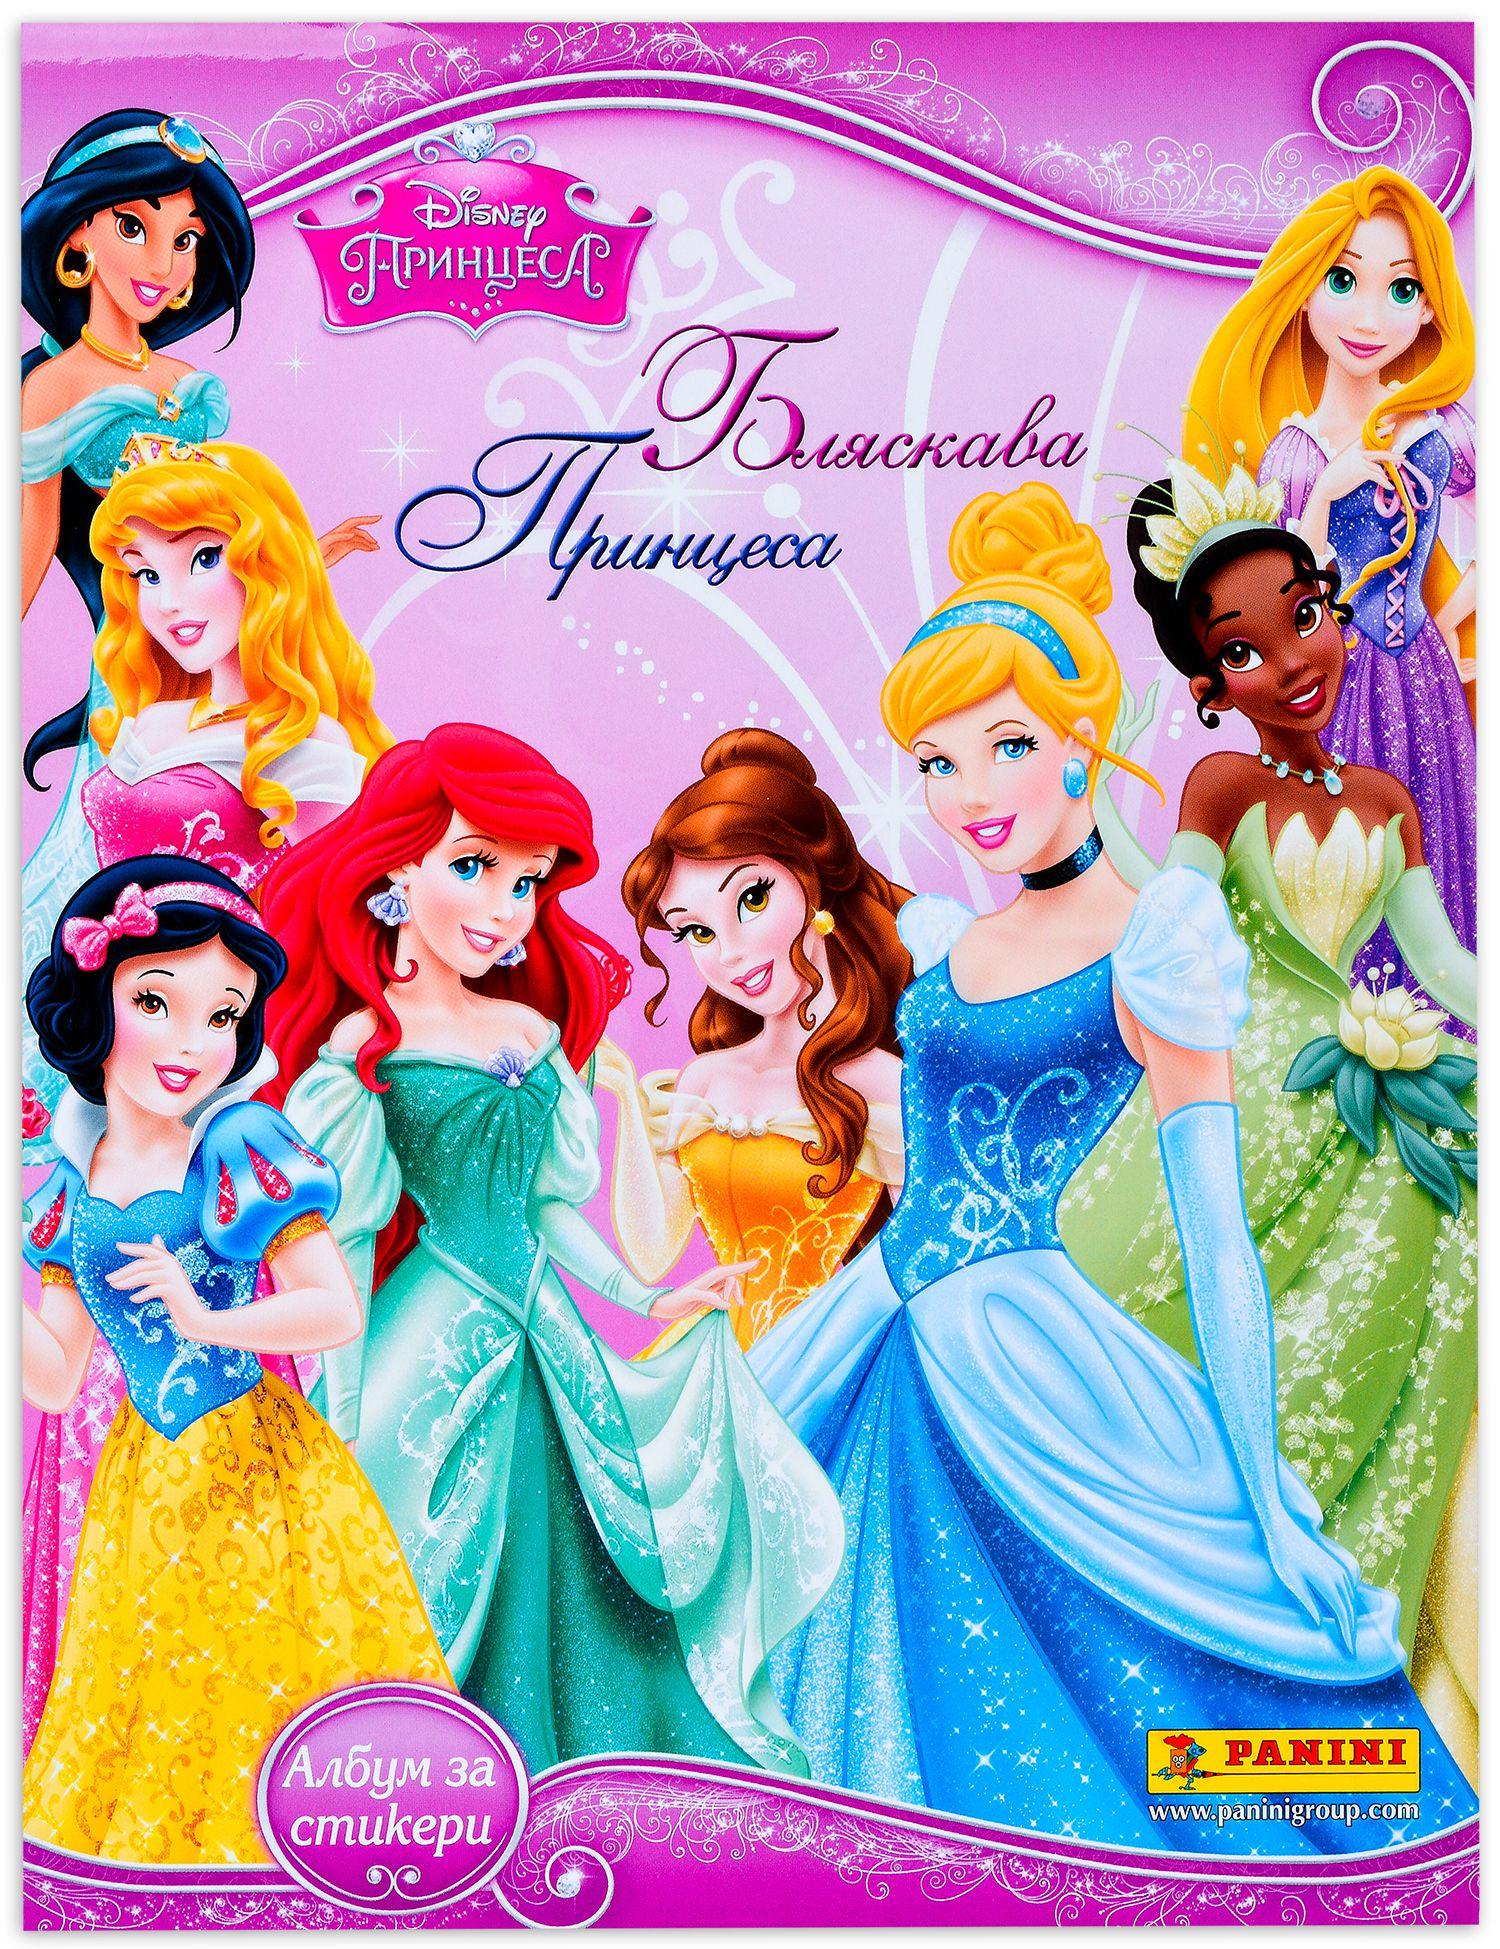 Албум със стикери Disney Бляскава принцеса - 1